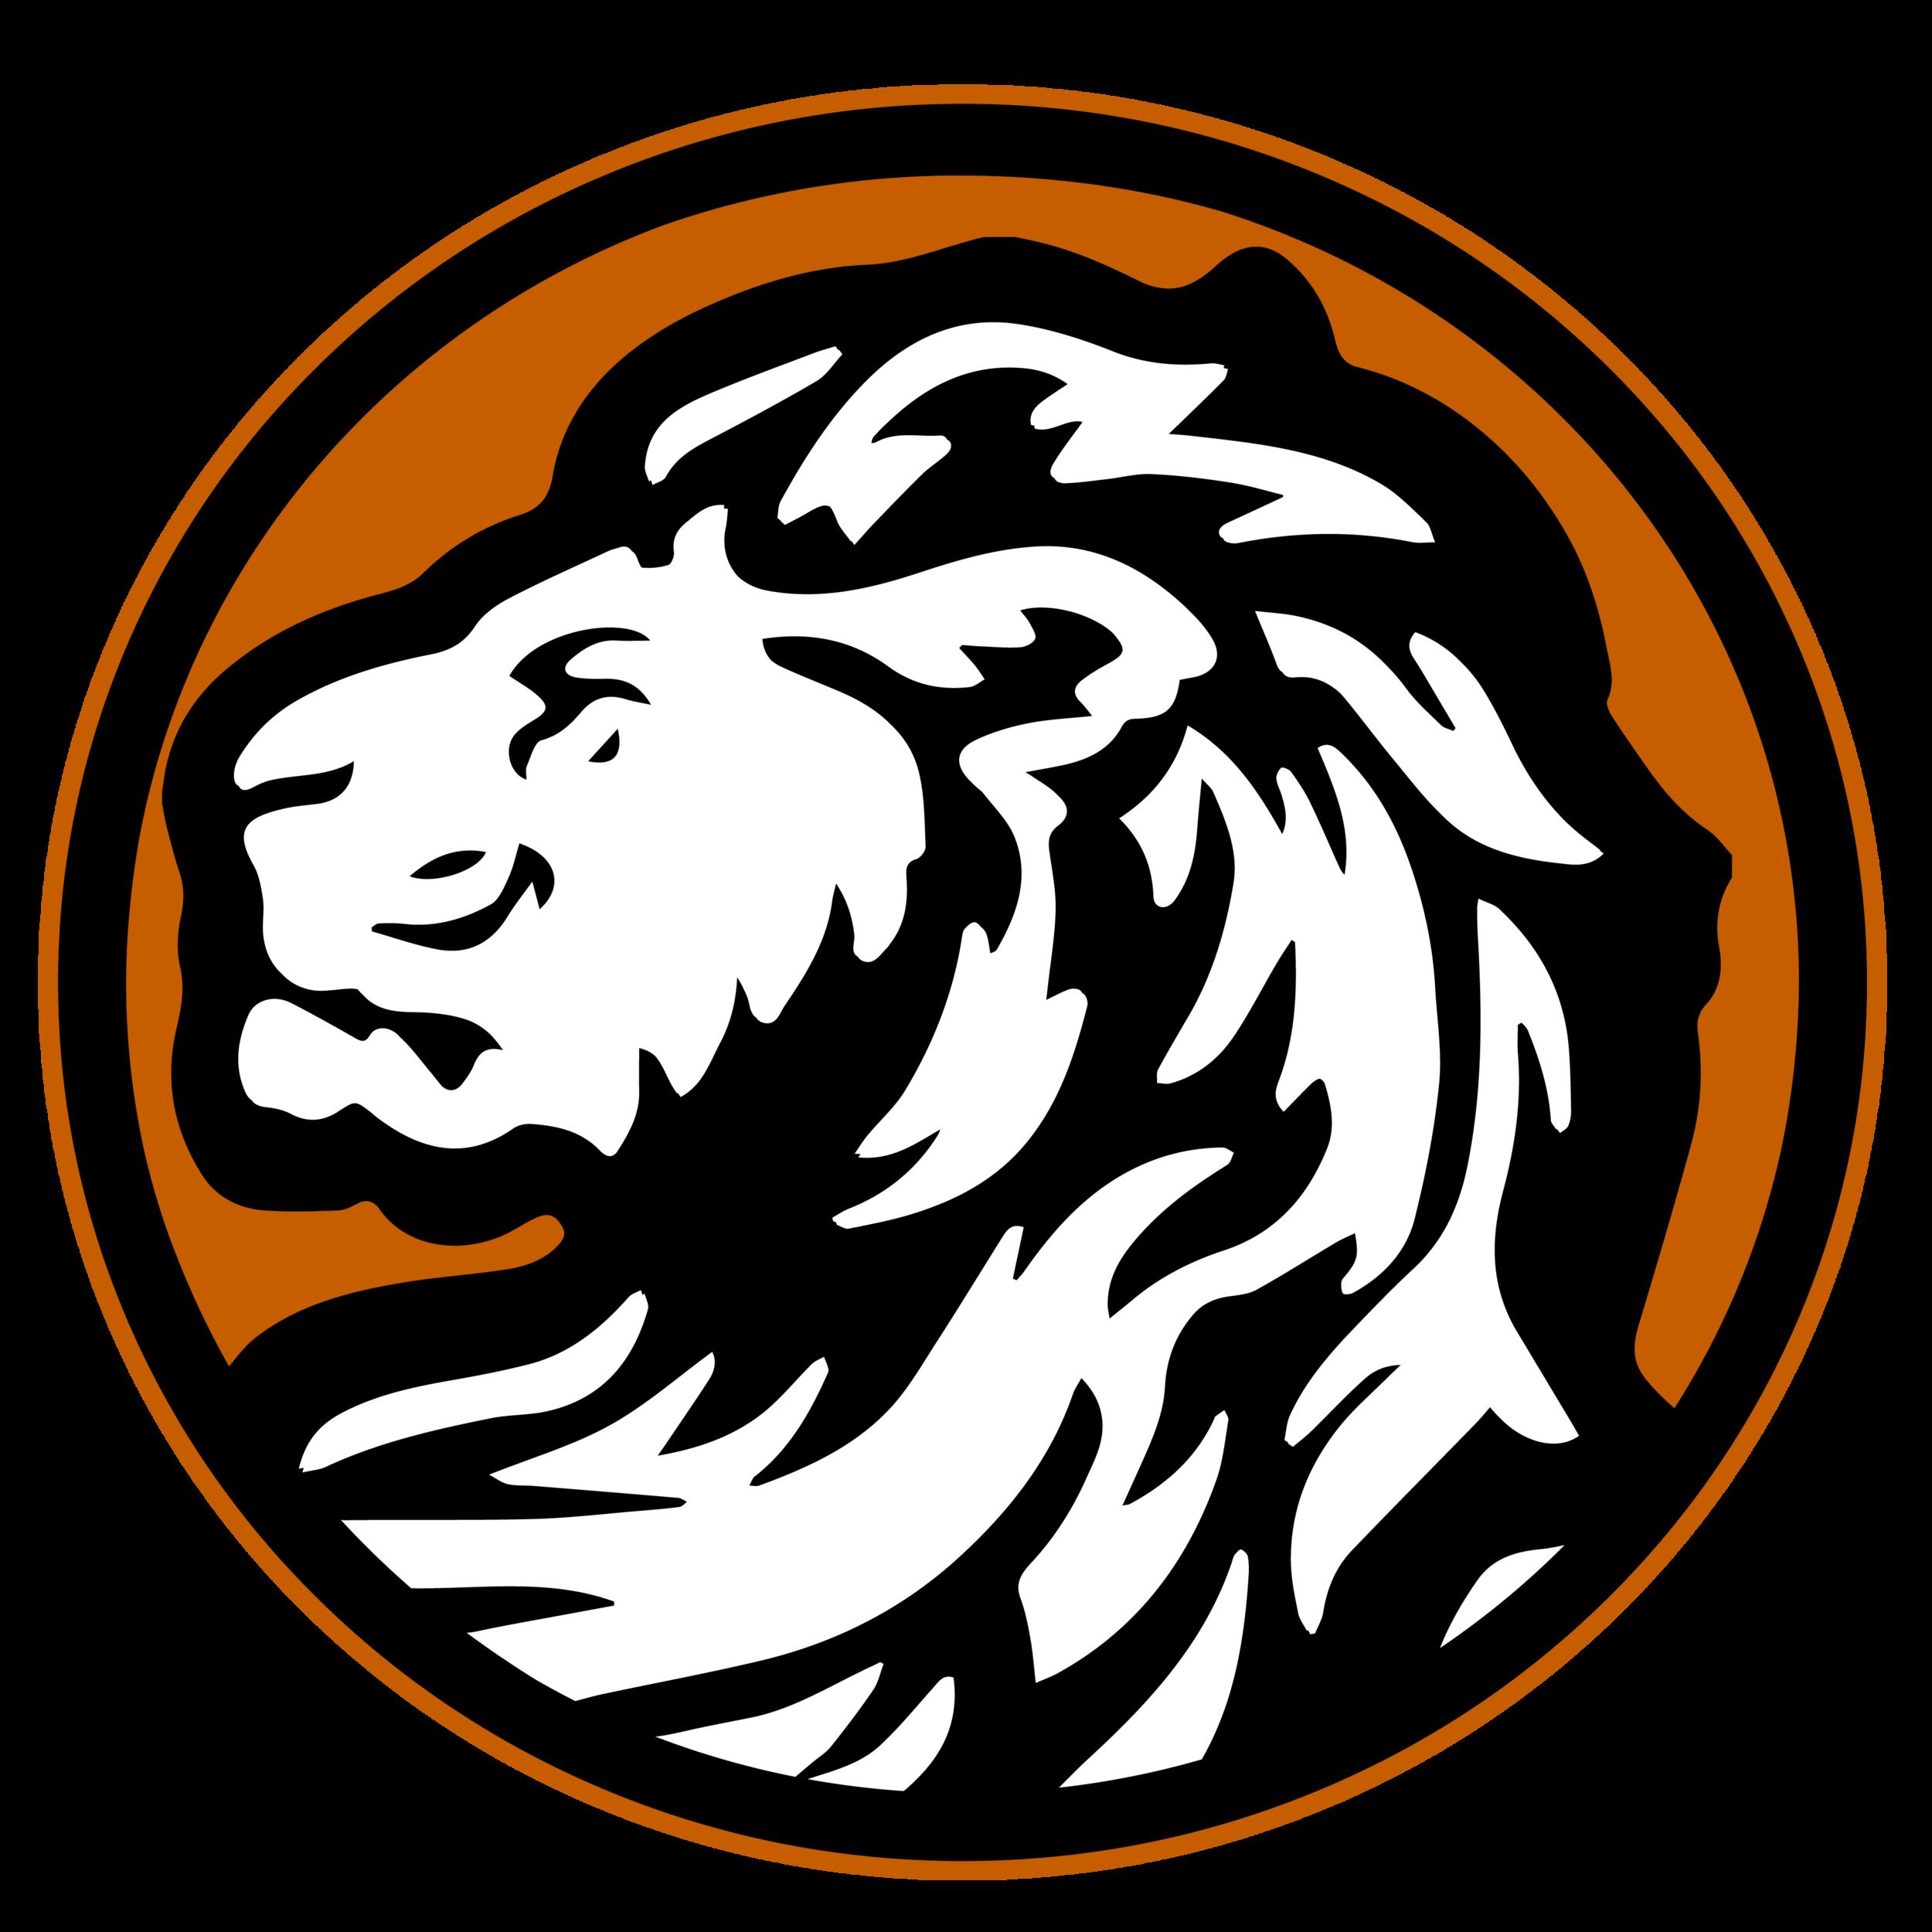 LionDARKER-04.png